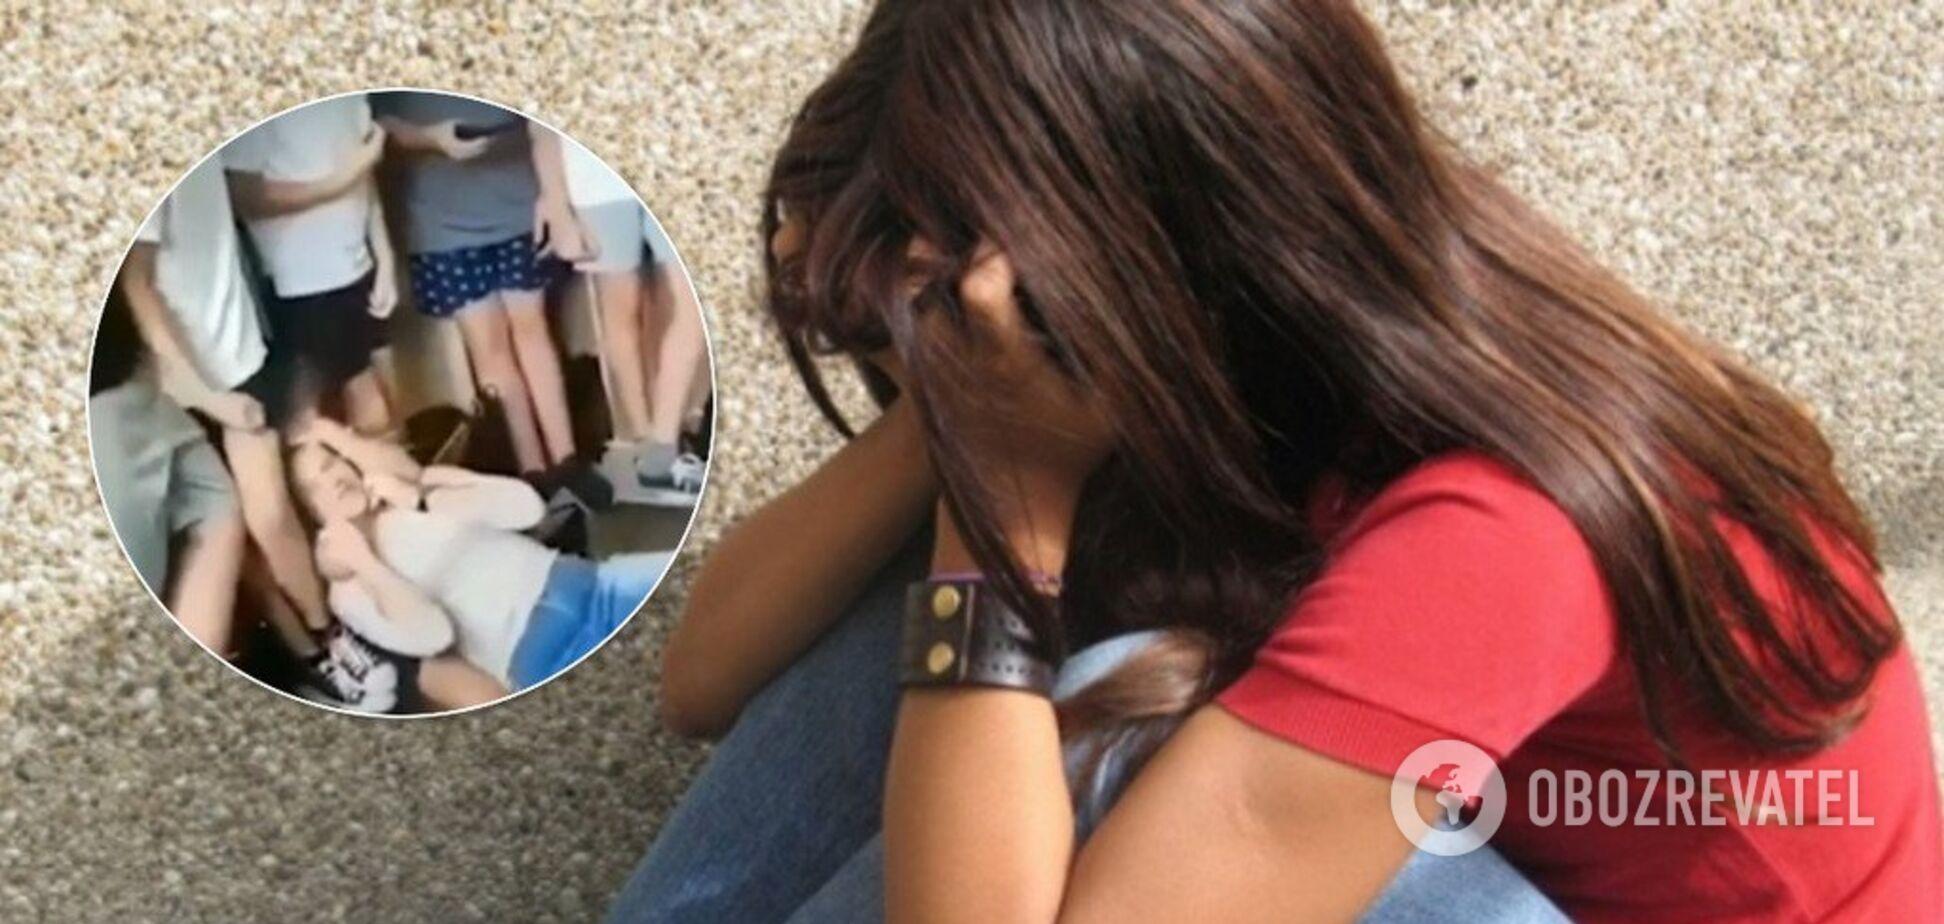 В школе Запорожья ученик пытался задушить одноклассницу. Опубликовано видео